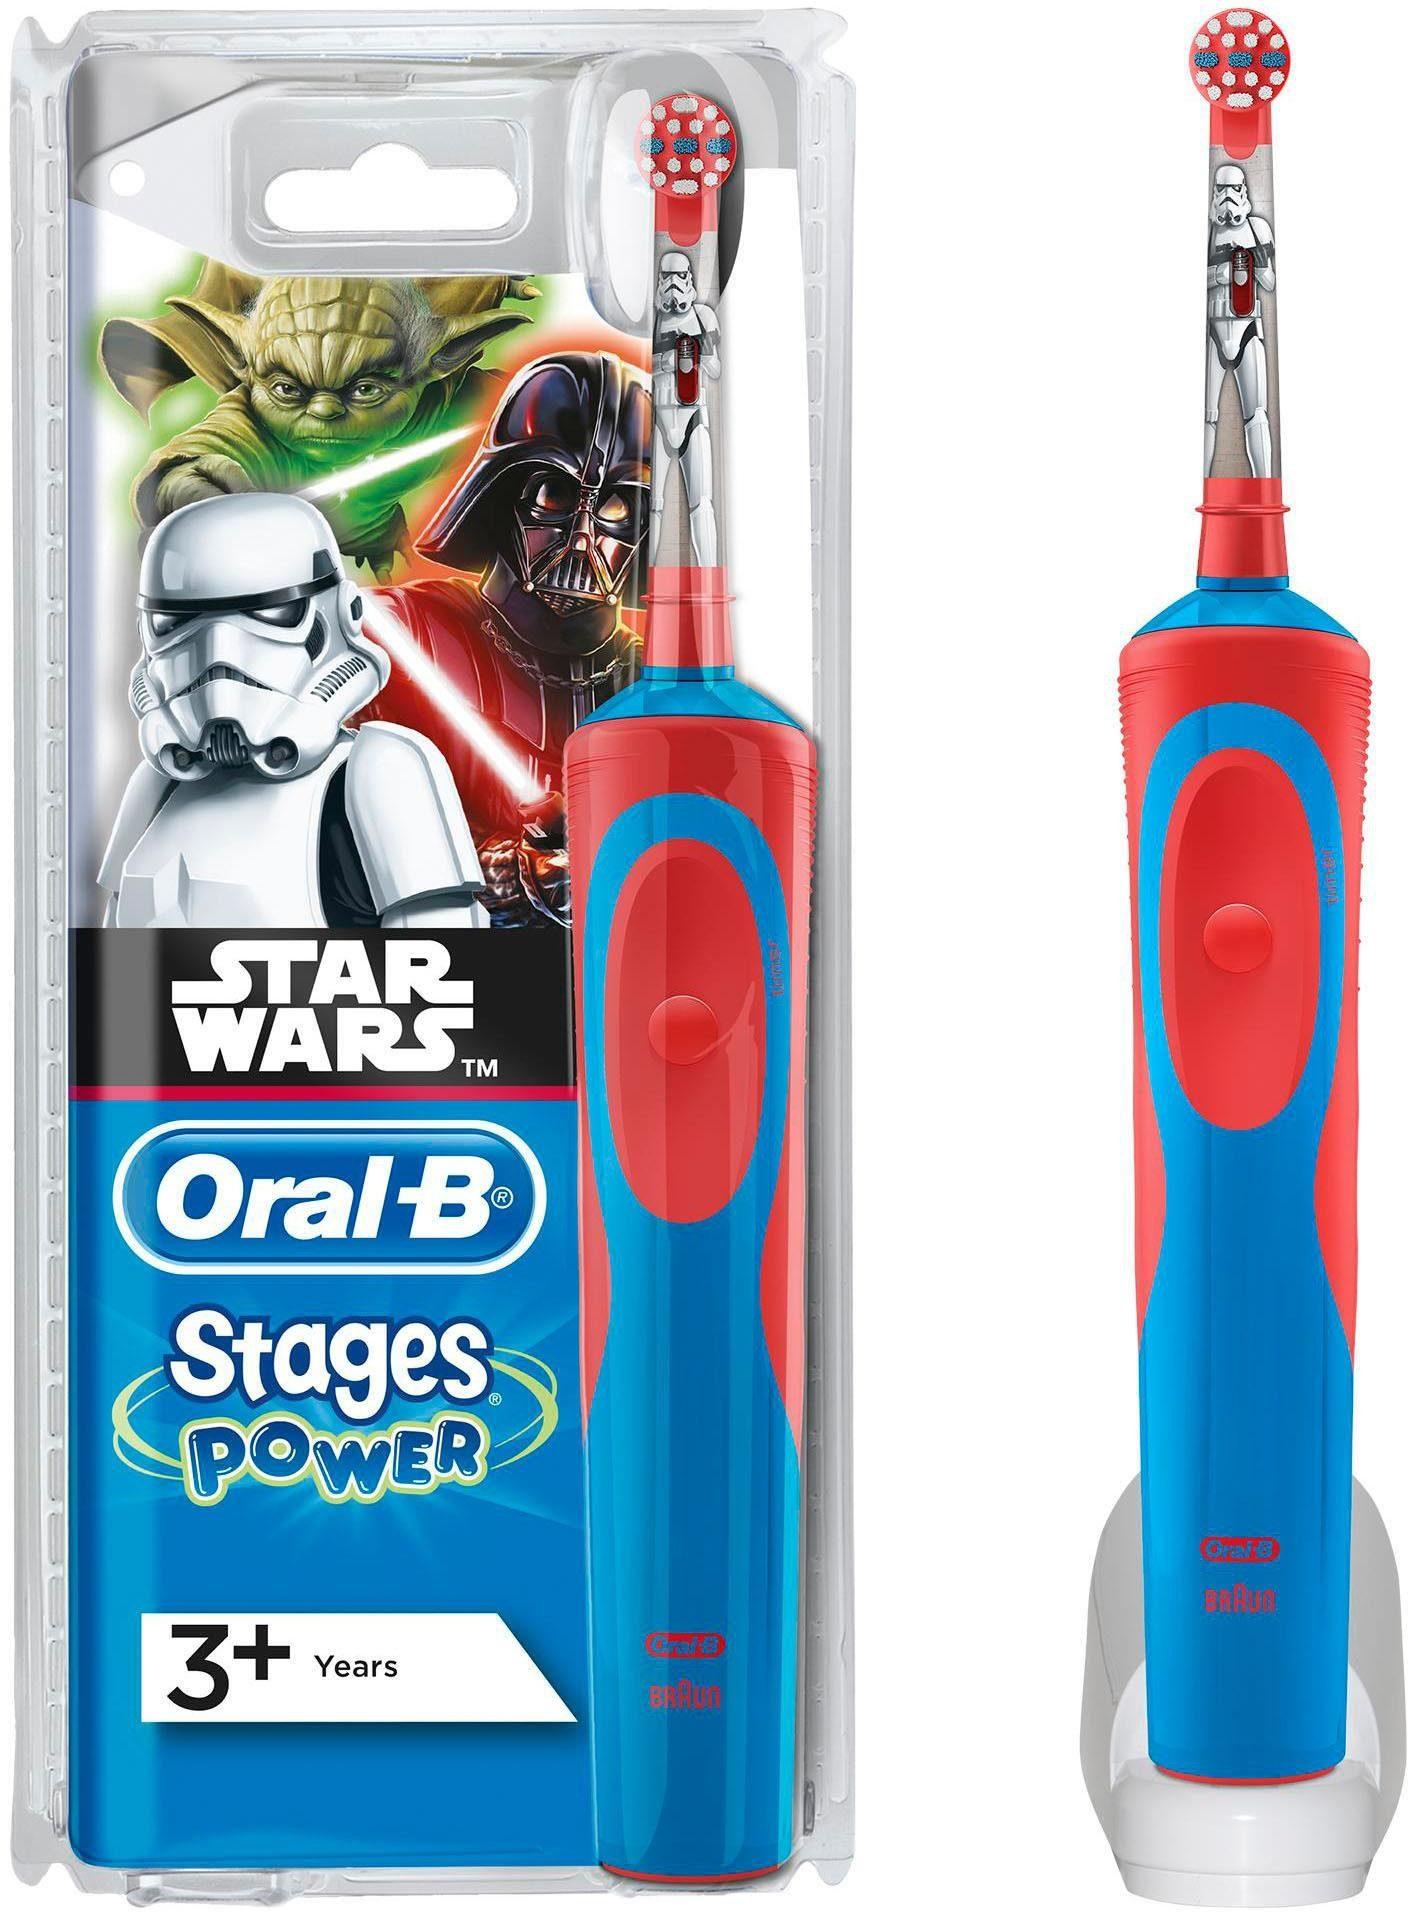 Oral-B Elektrische Kinderzahnbürste Stages Power, Star Wars